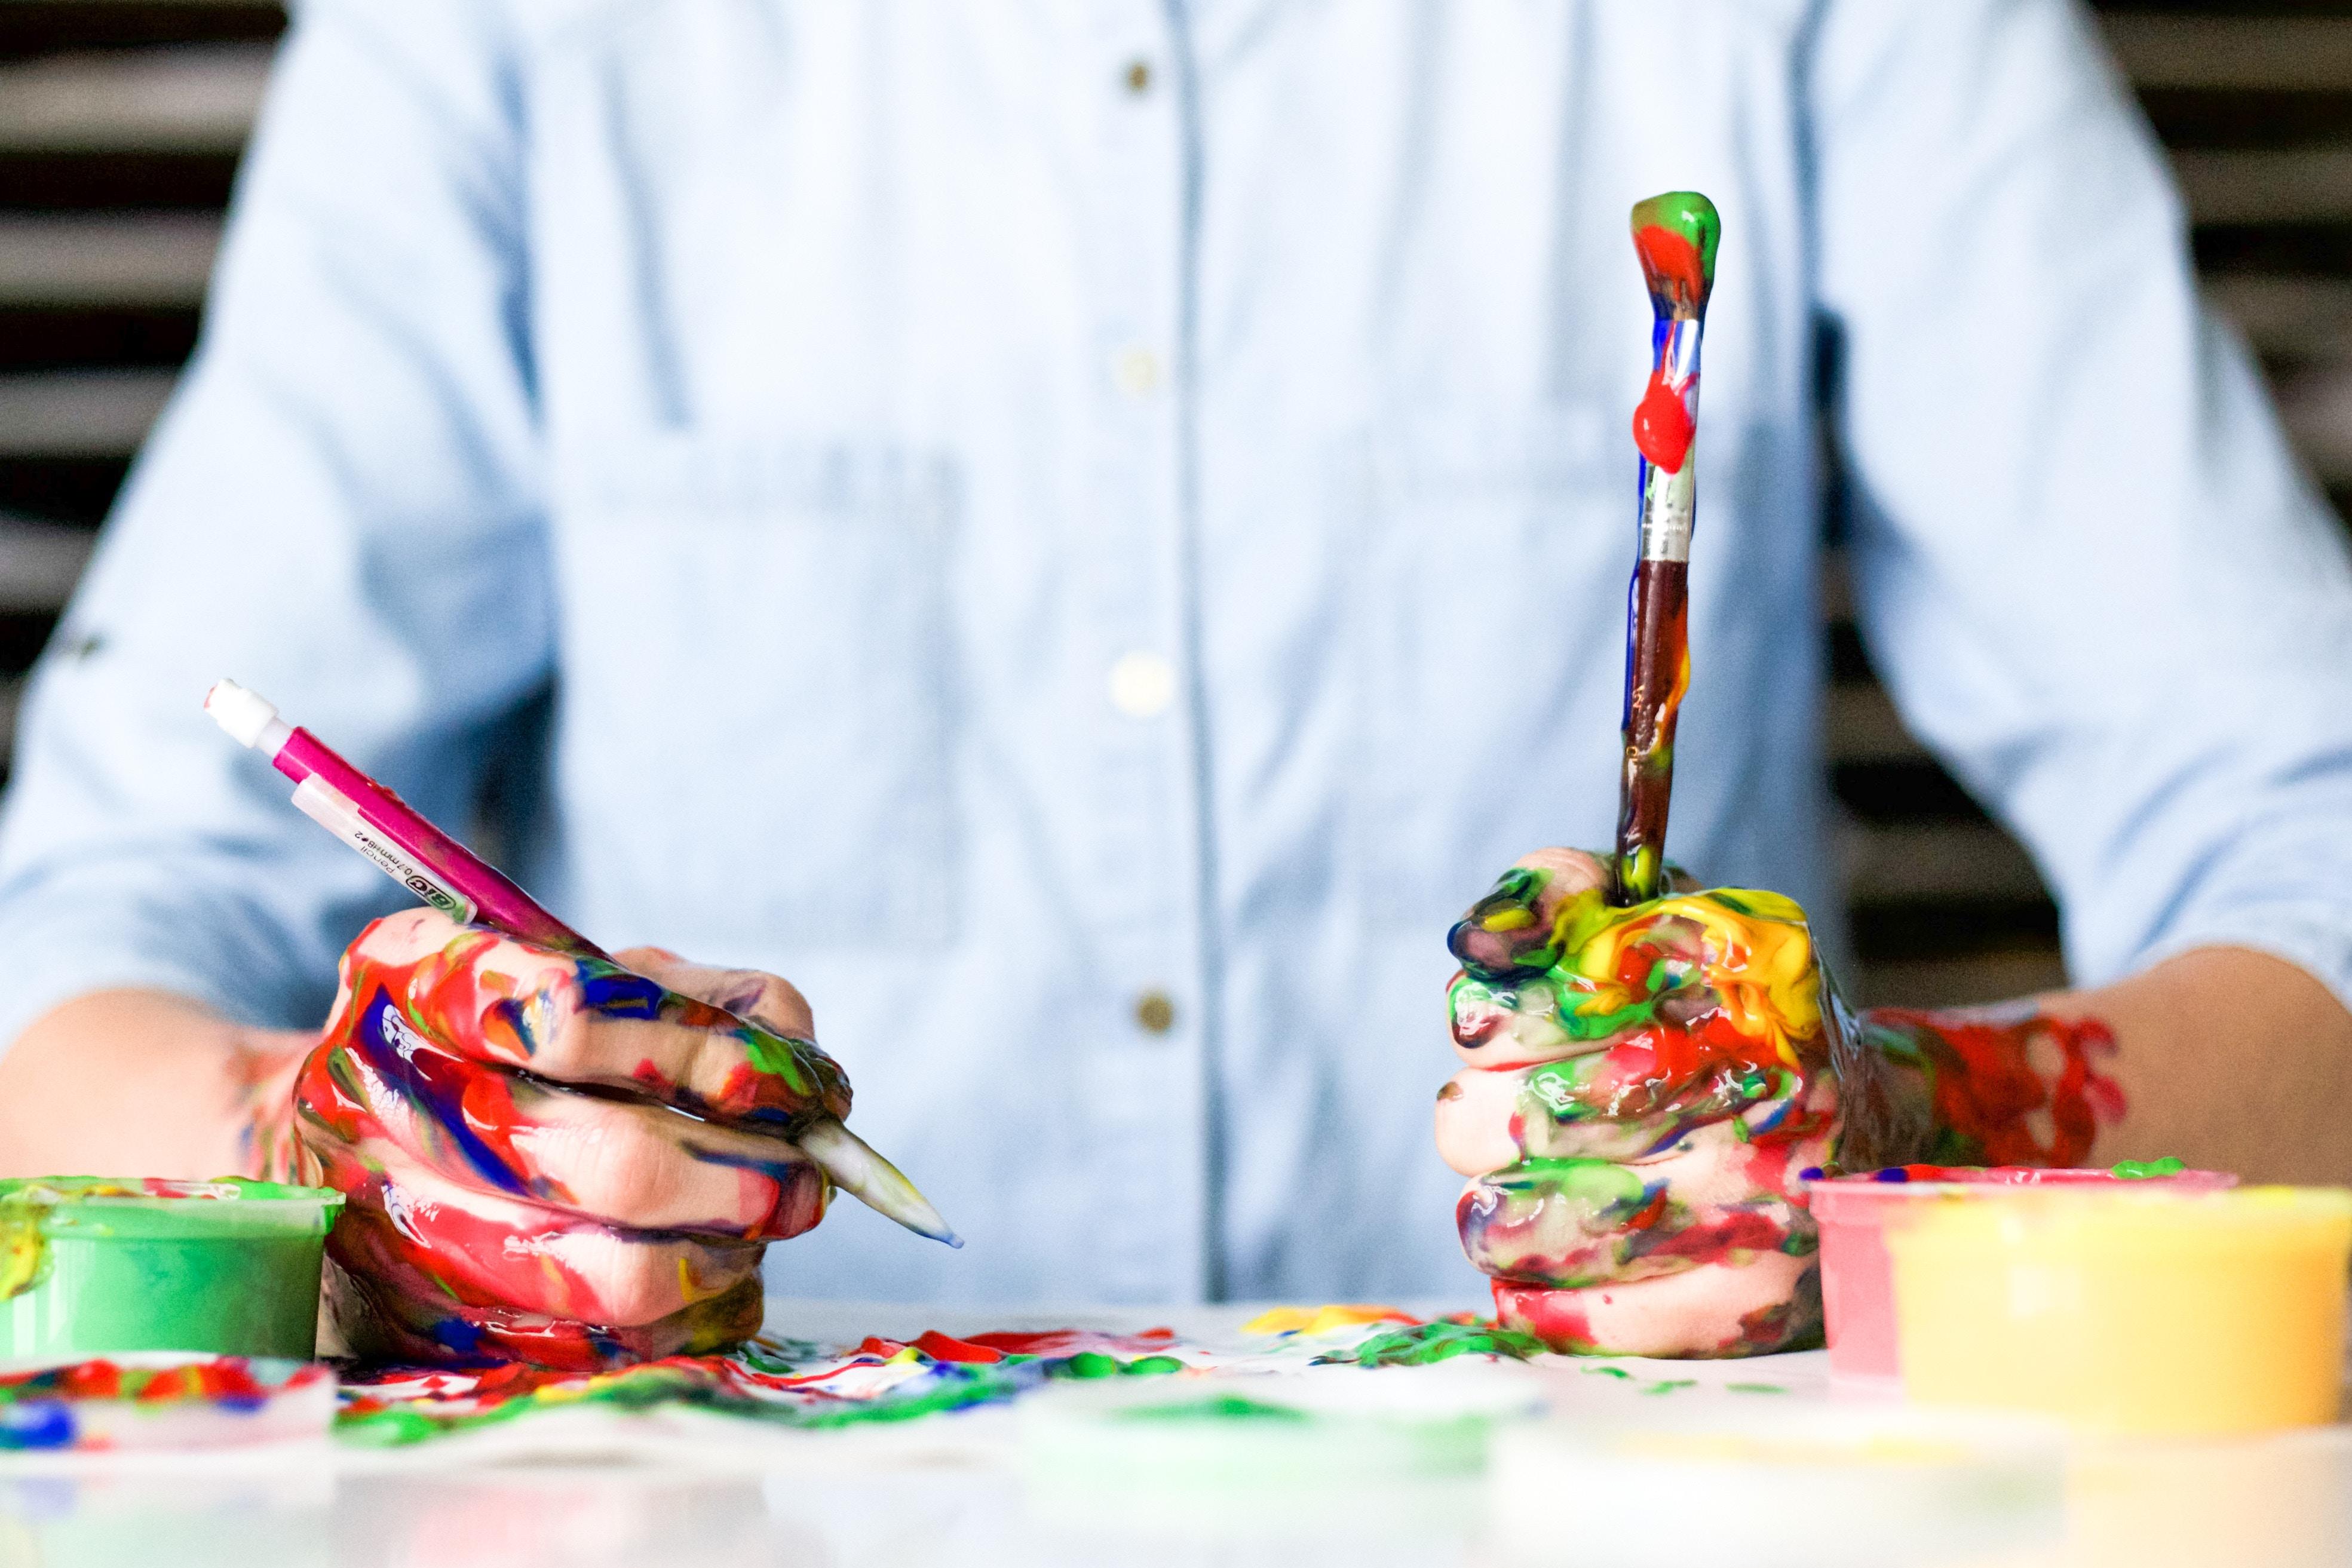 transposer ses émotions par la peinture